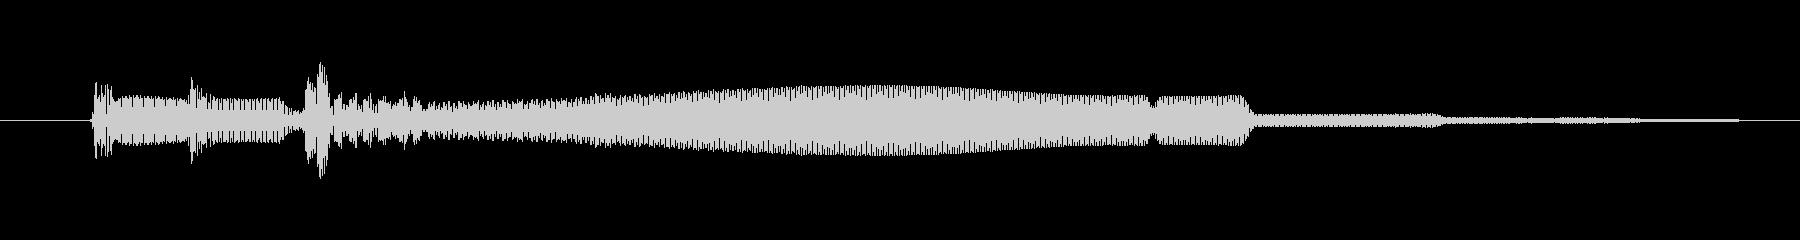 ゲーム、クイズ(ピンポン音)_006の未再生の波形